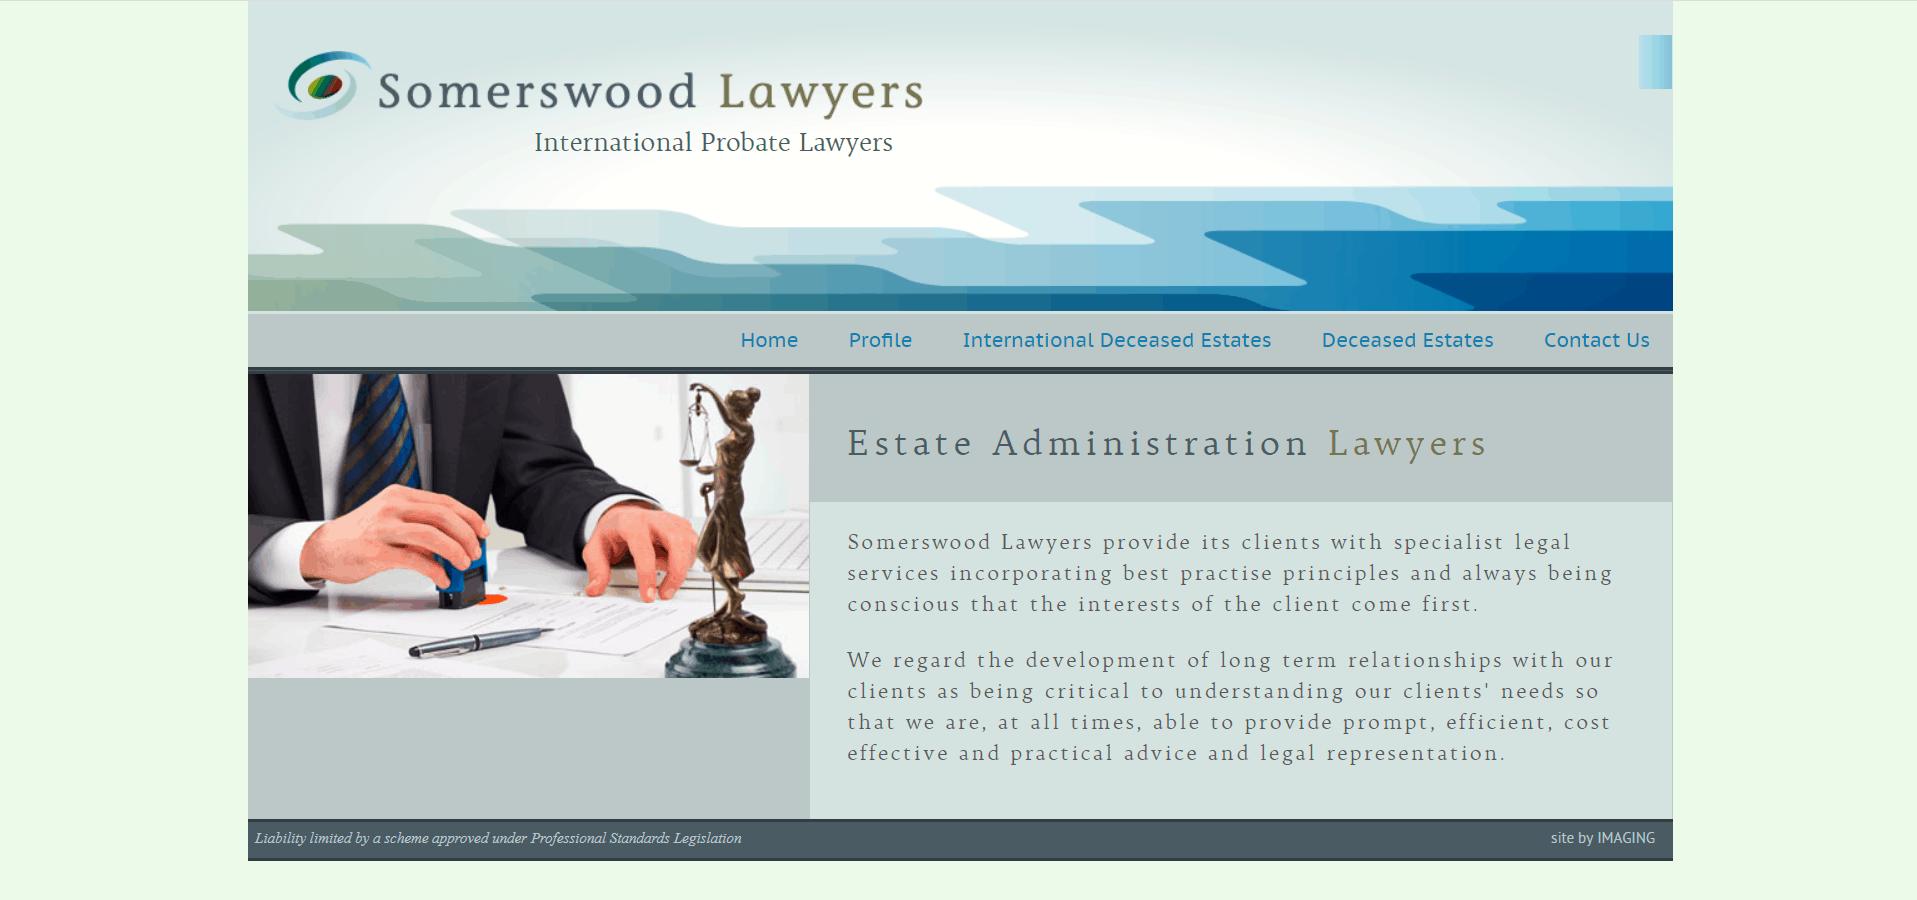 Somerswood Lawyers